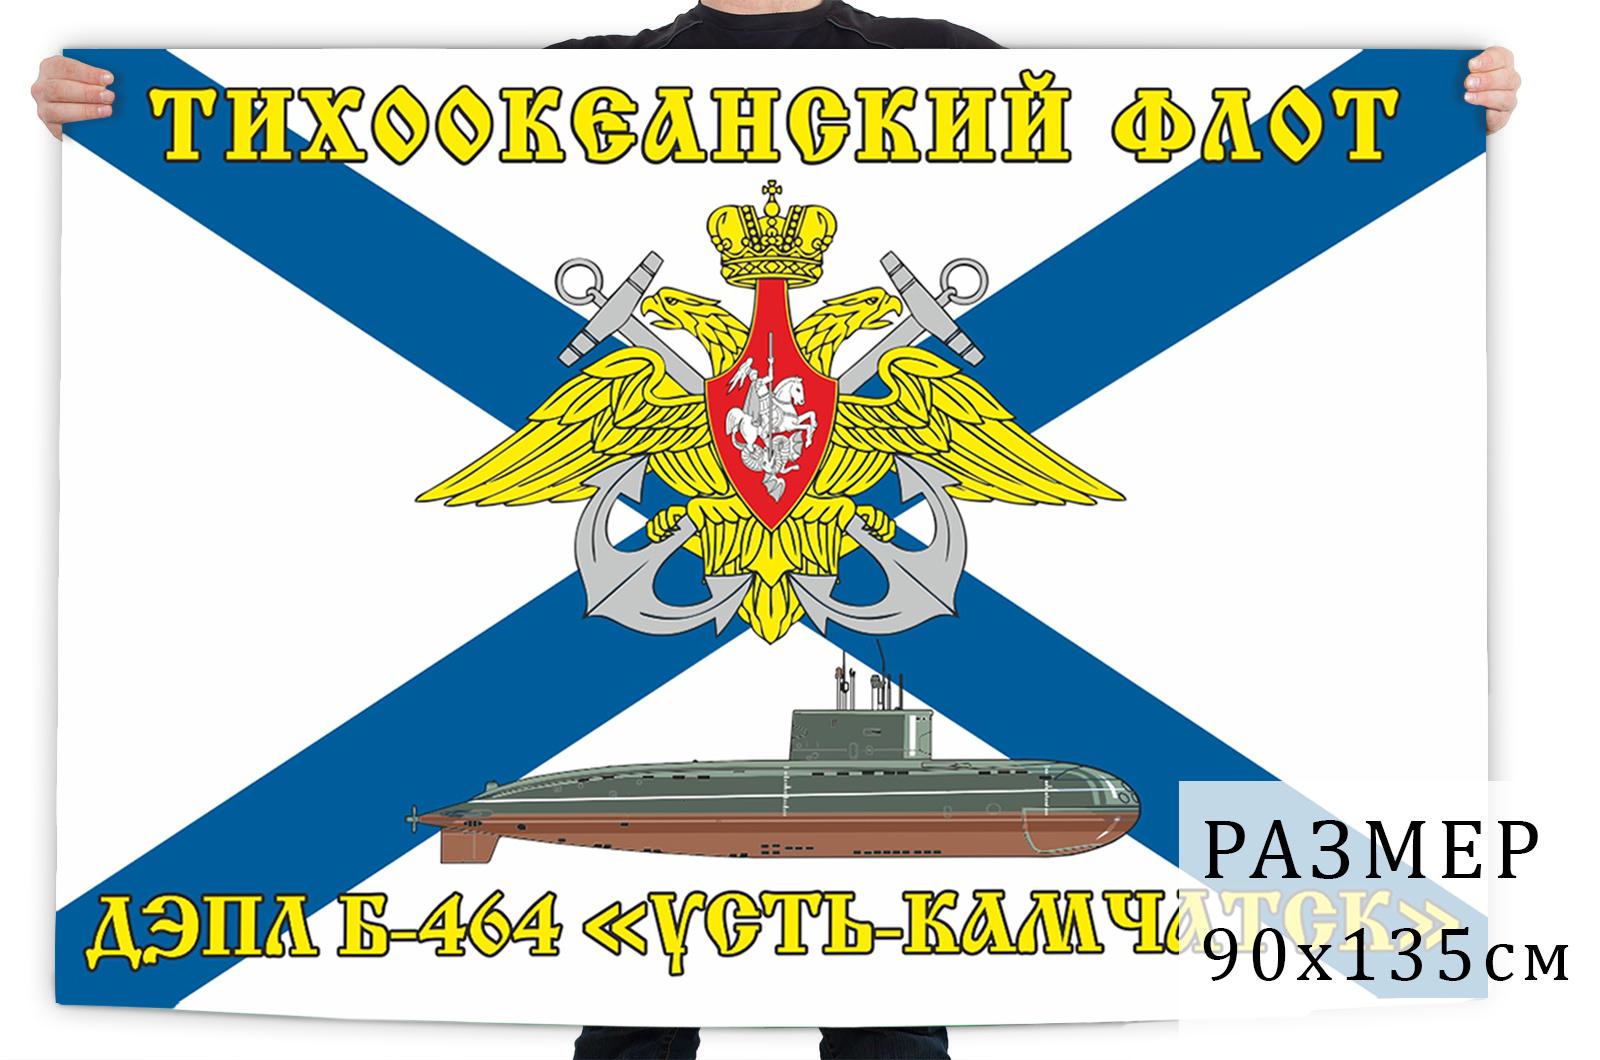 Купить недорого флаг Б-464 Усть-Камчатск ВМФ